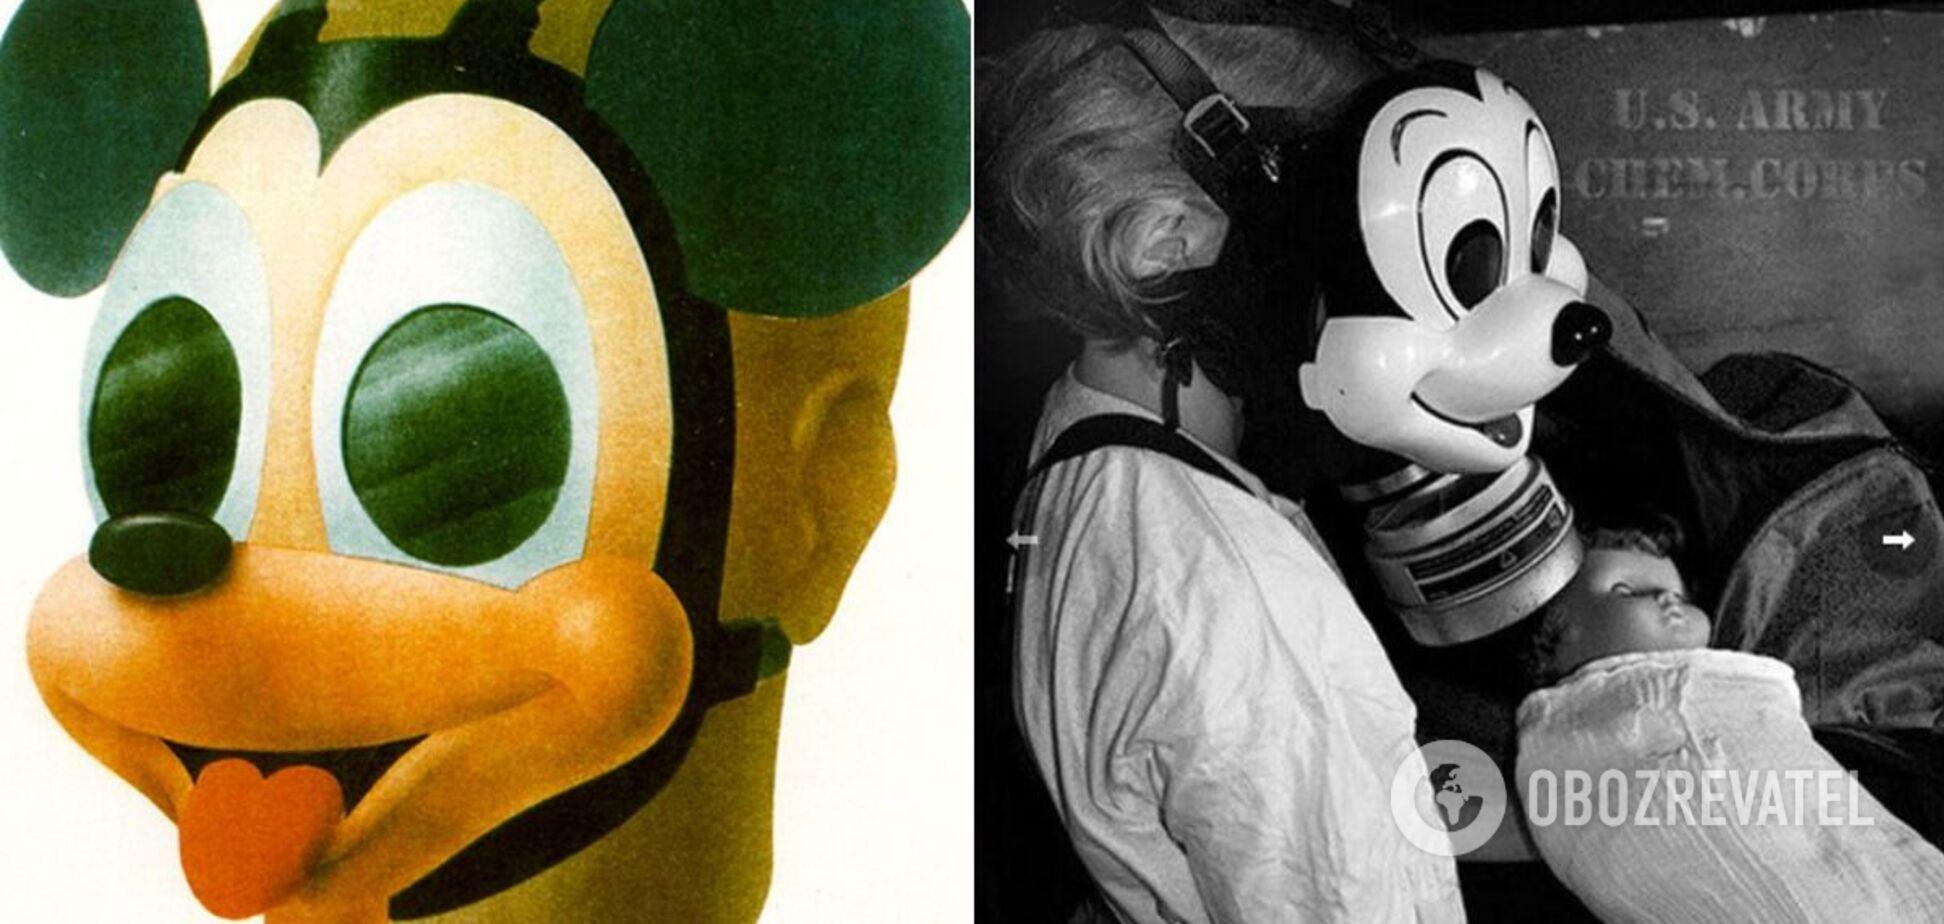 Противогаз в виде Микки Мауса создал Уолт Дисней